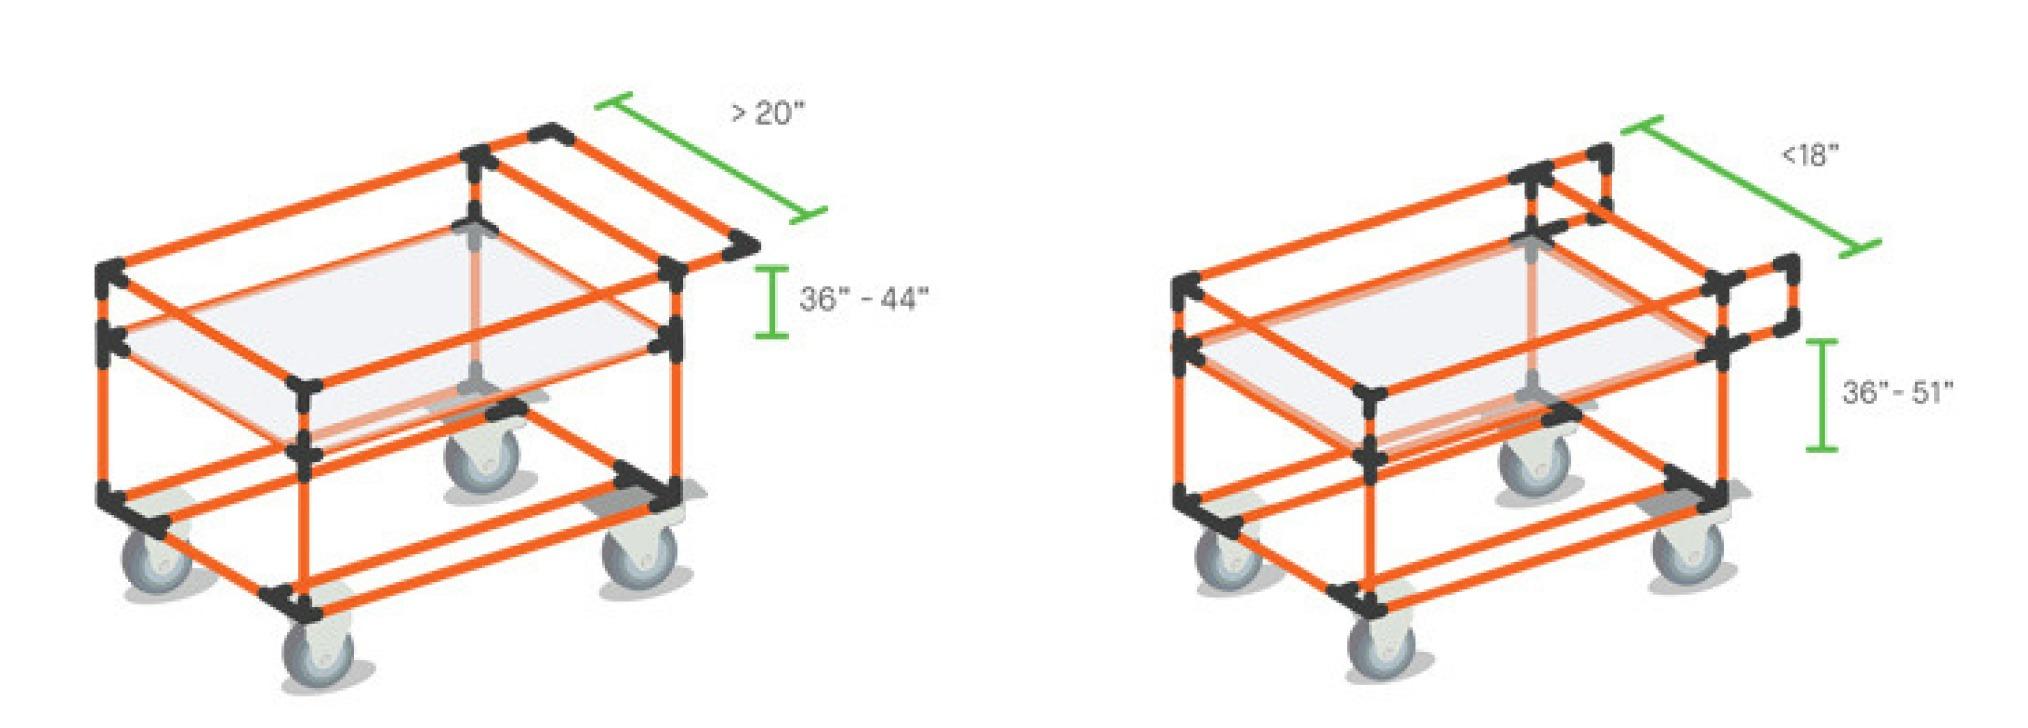 Cart Handles Position